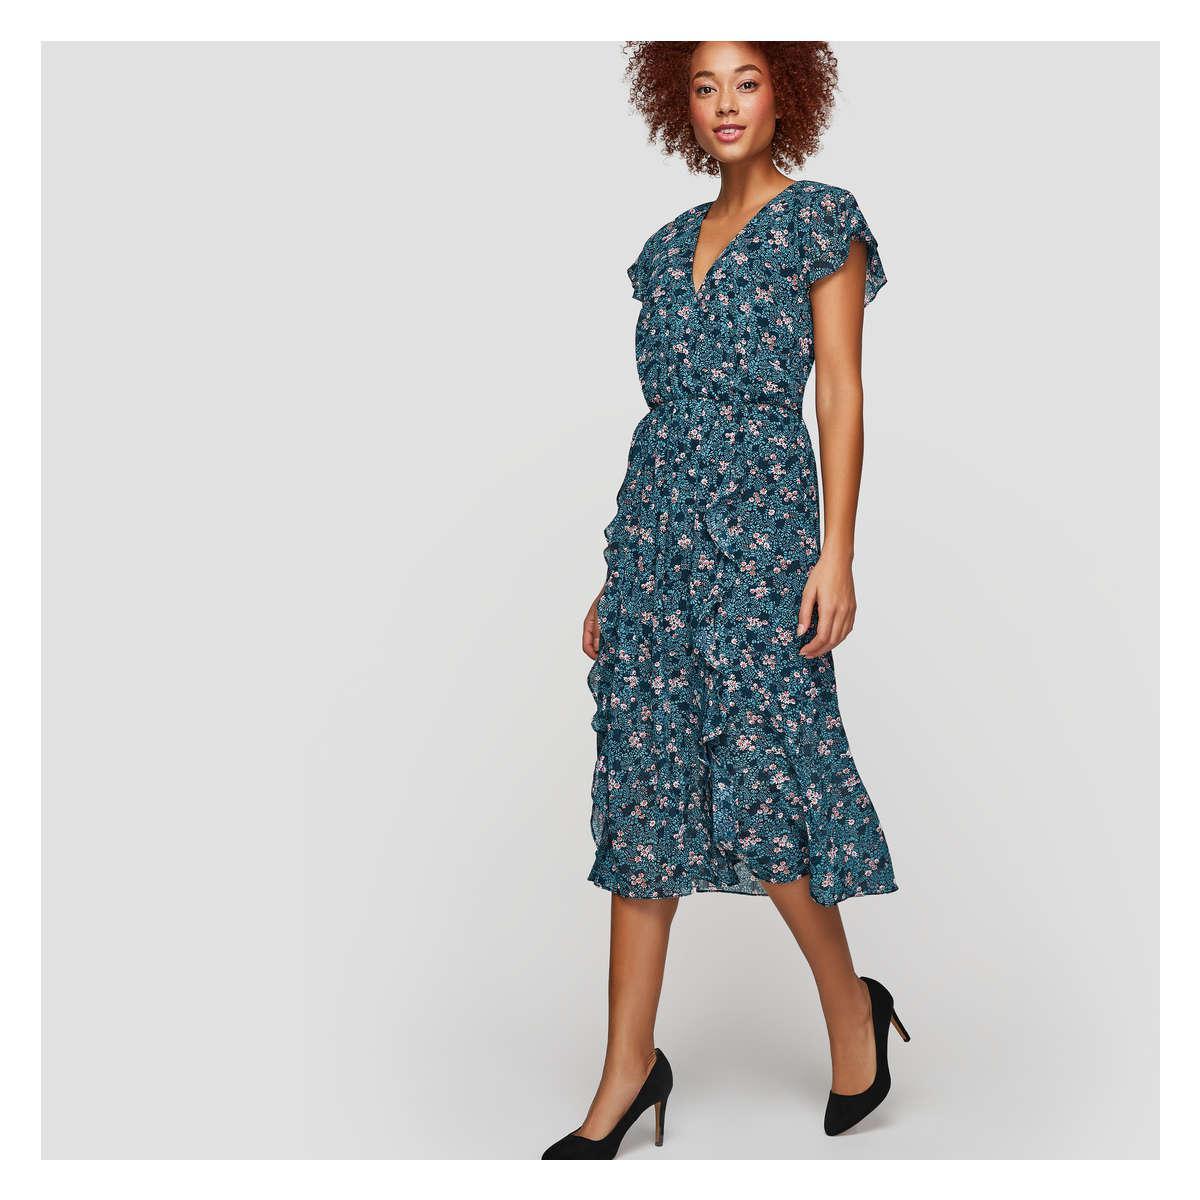 Fashion Shoppingbudget joe fresh printed skirt fotos